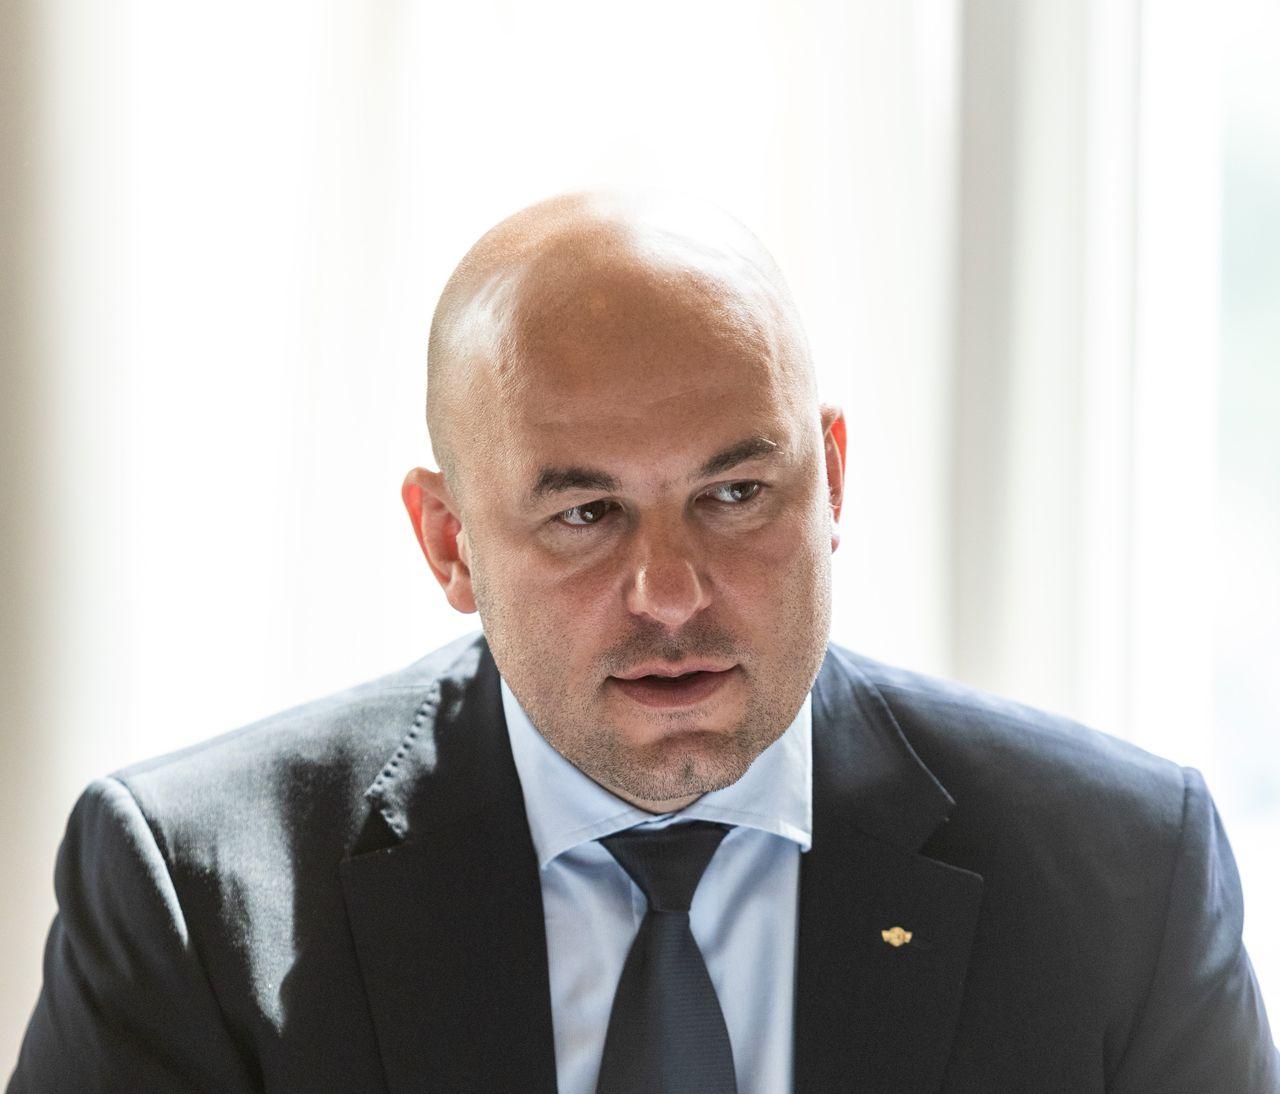 A HUNGRAIL elnökévé választották dr. Homolya Róbertet, a MÁV Zrt. elnök-vezérigazgatóját